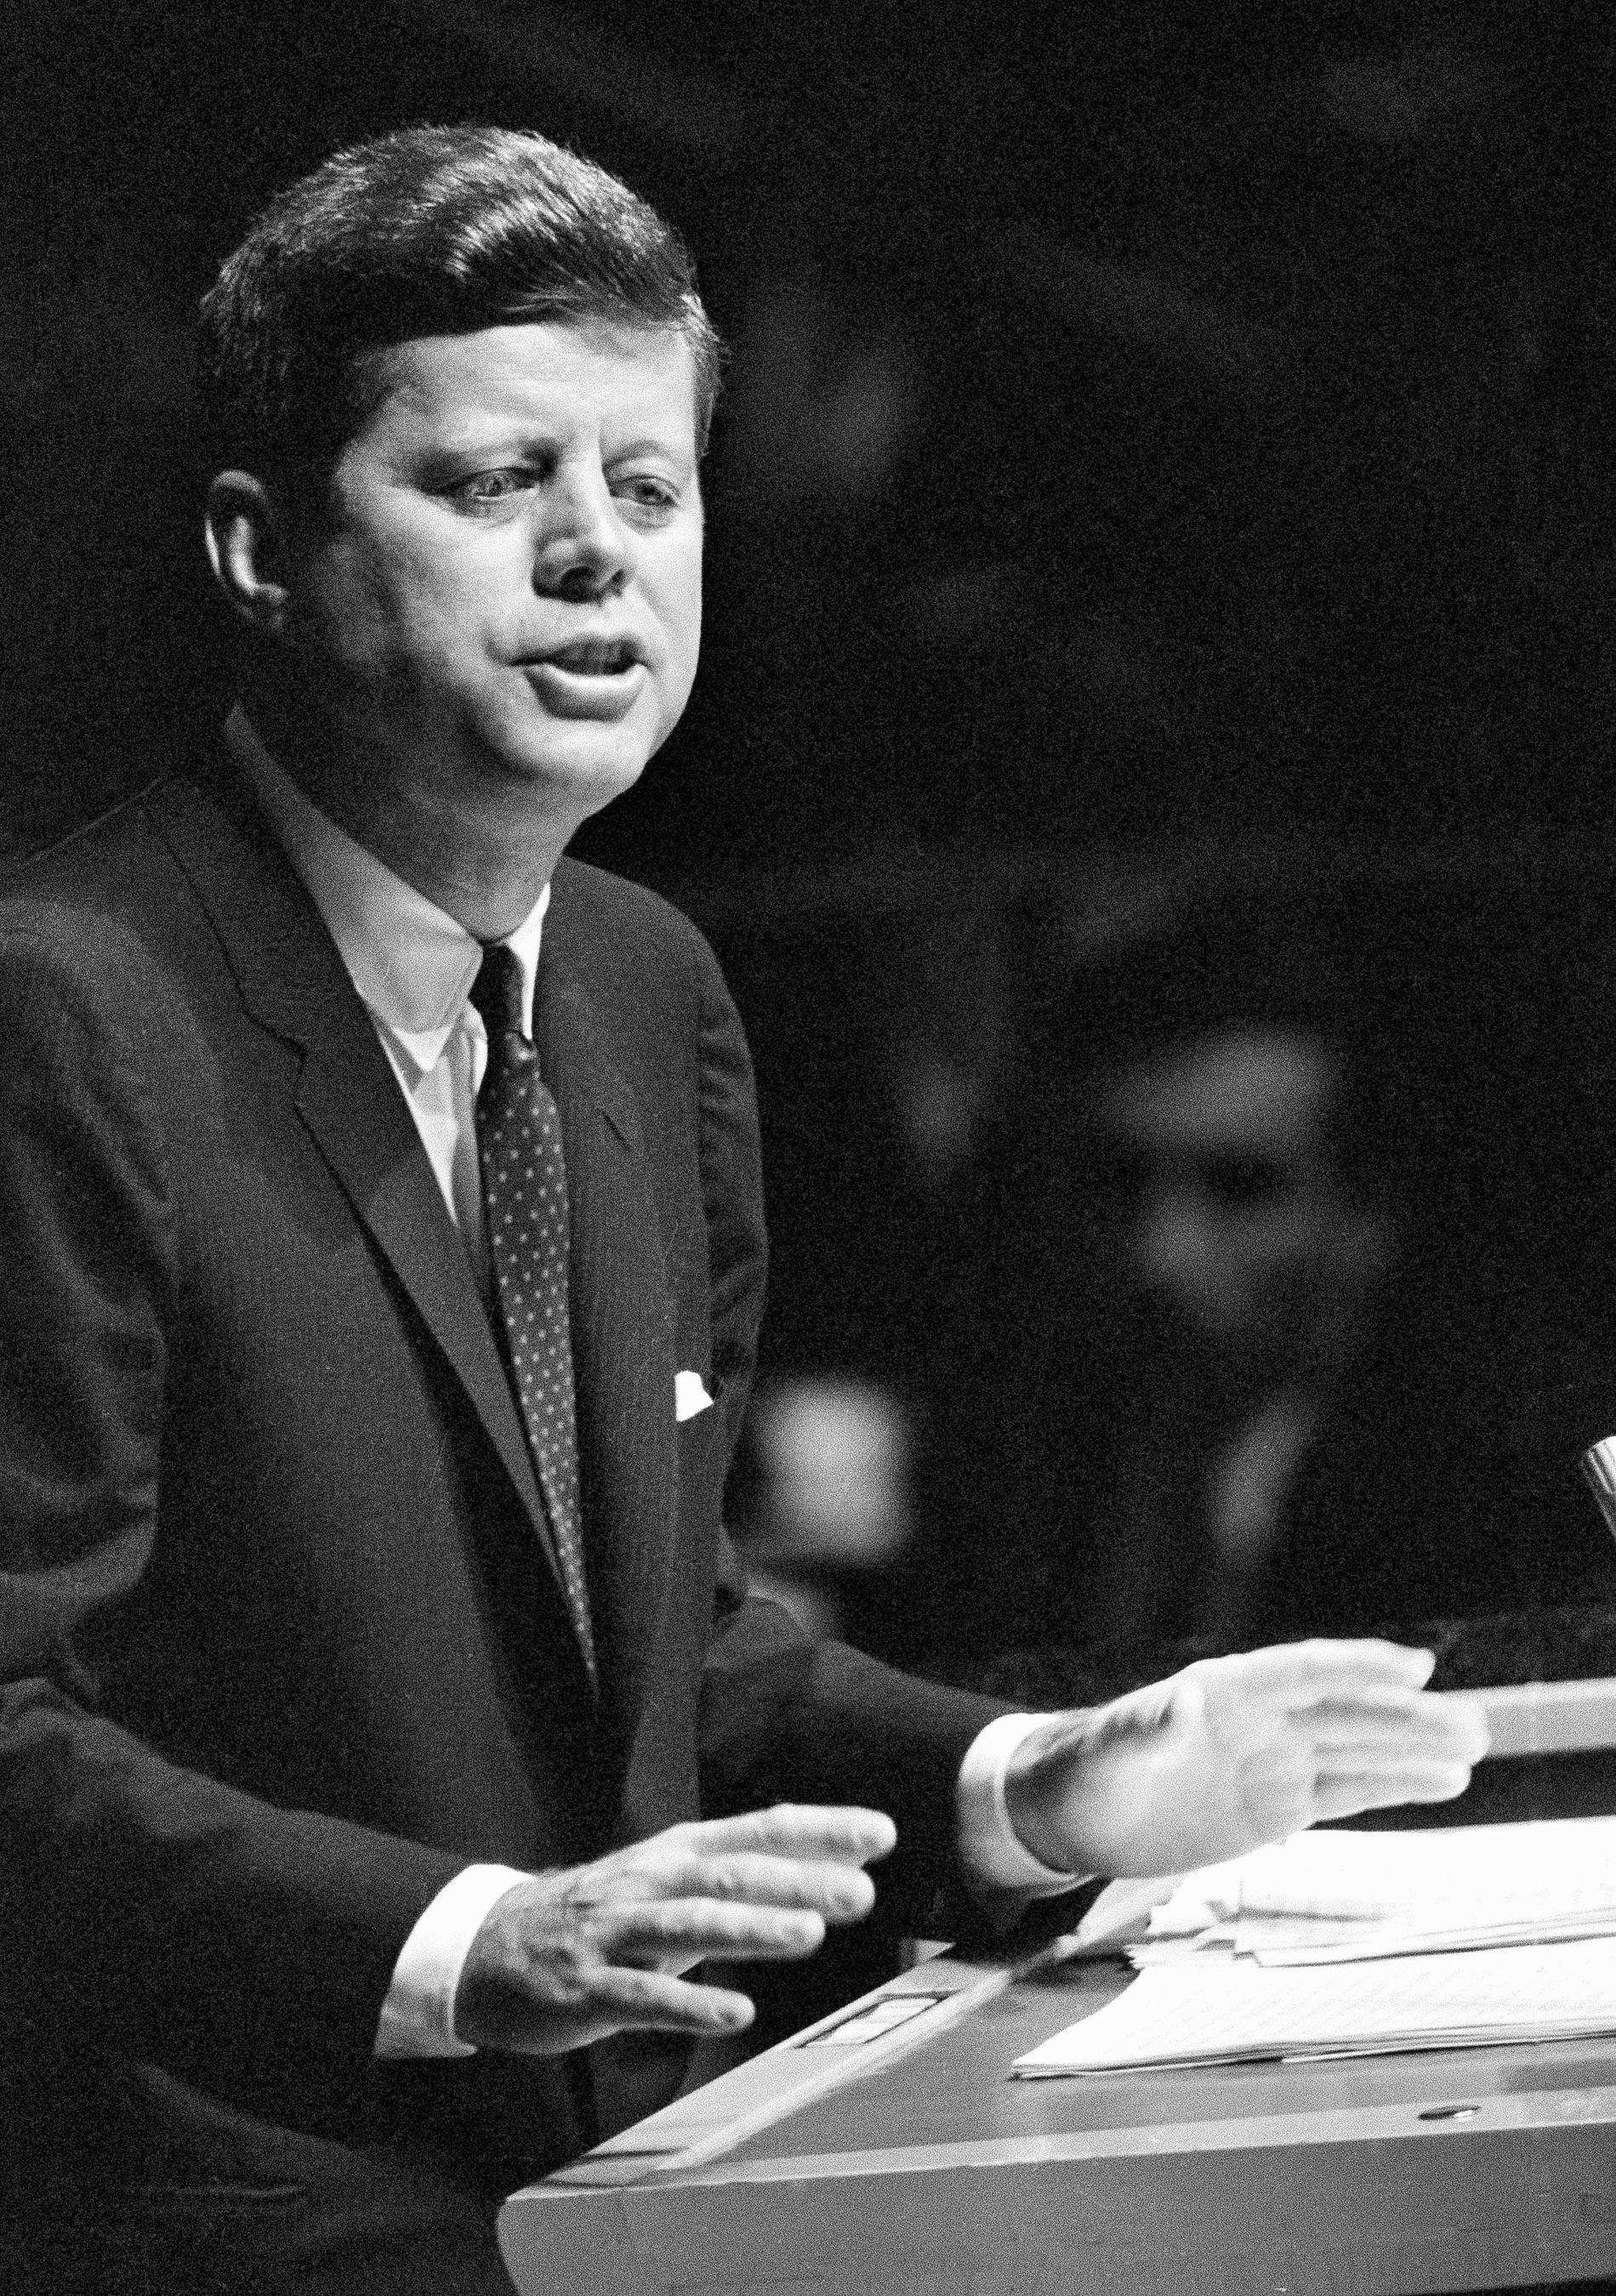 KATOLIKK: John F. Kennedy fikk en ekstra motbakke som presidentkandidat fordi han var katolikk.